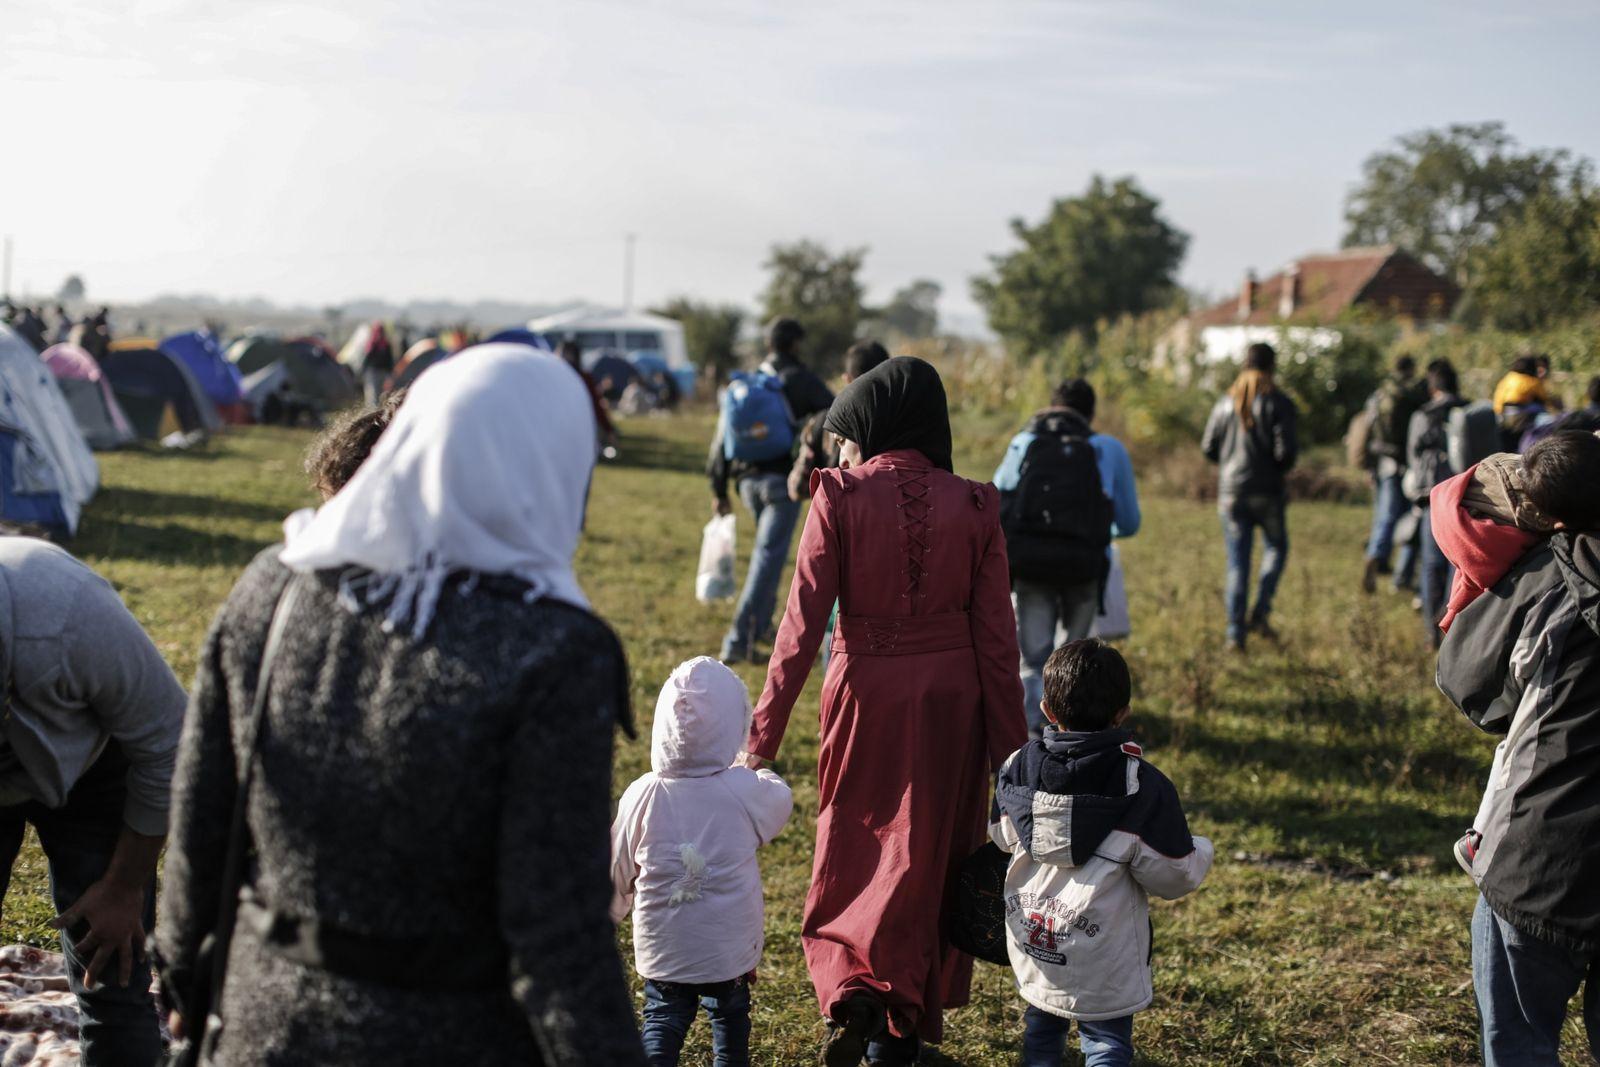 NICHT MEHR VERWENDEN! - Frauen/ Flüchtlinge/ Belästigung